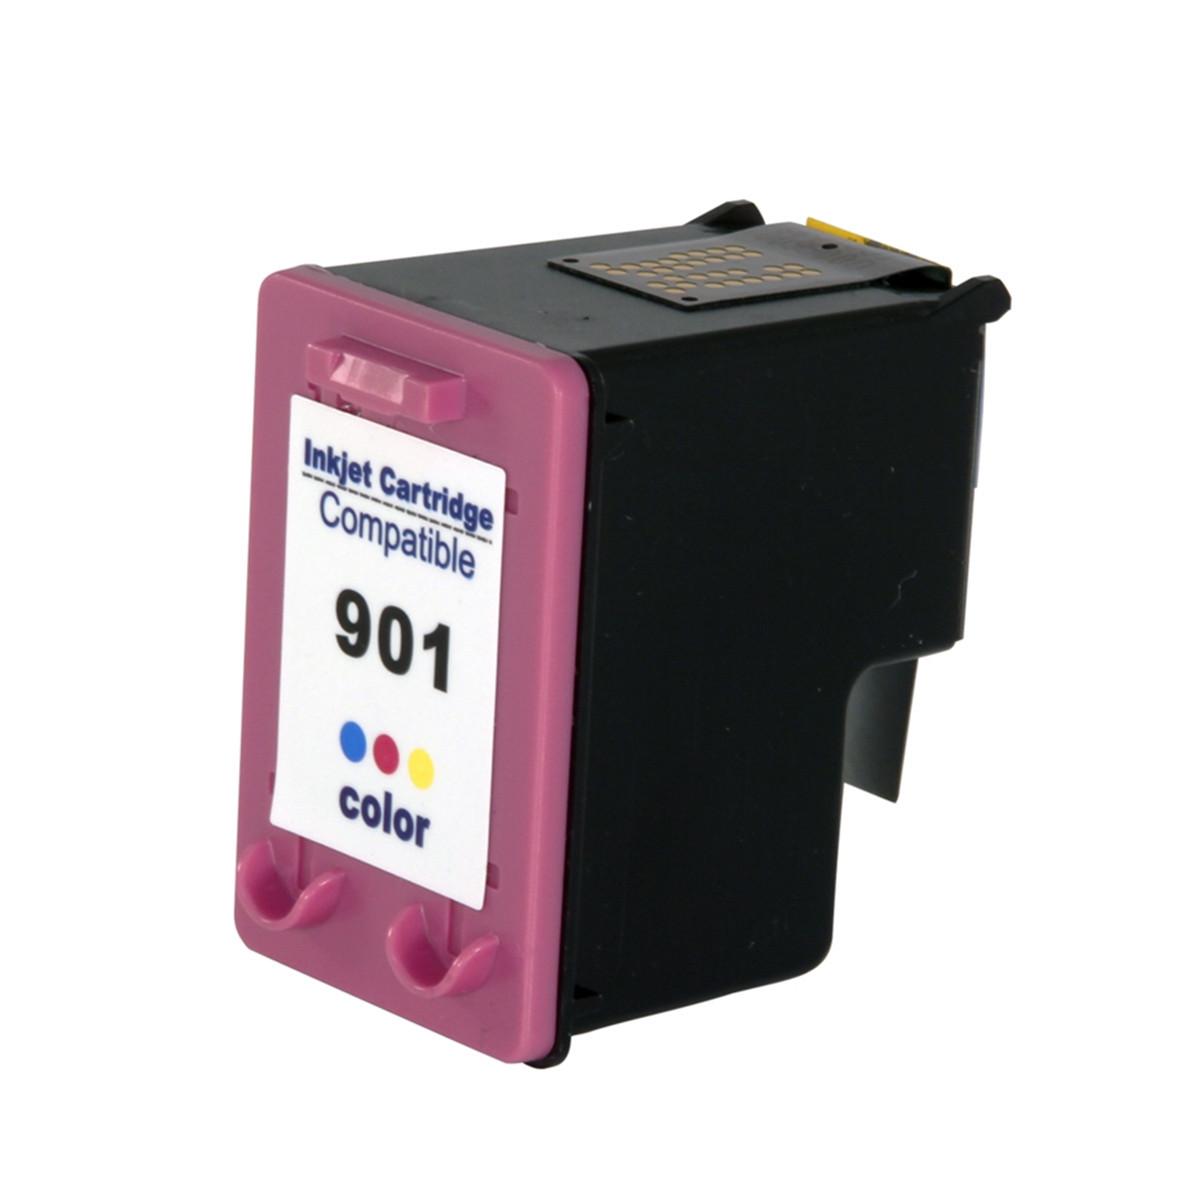 Cartucho de Tinta Compativel HP 901xl (CC656) Colorido 20ml